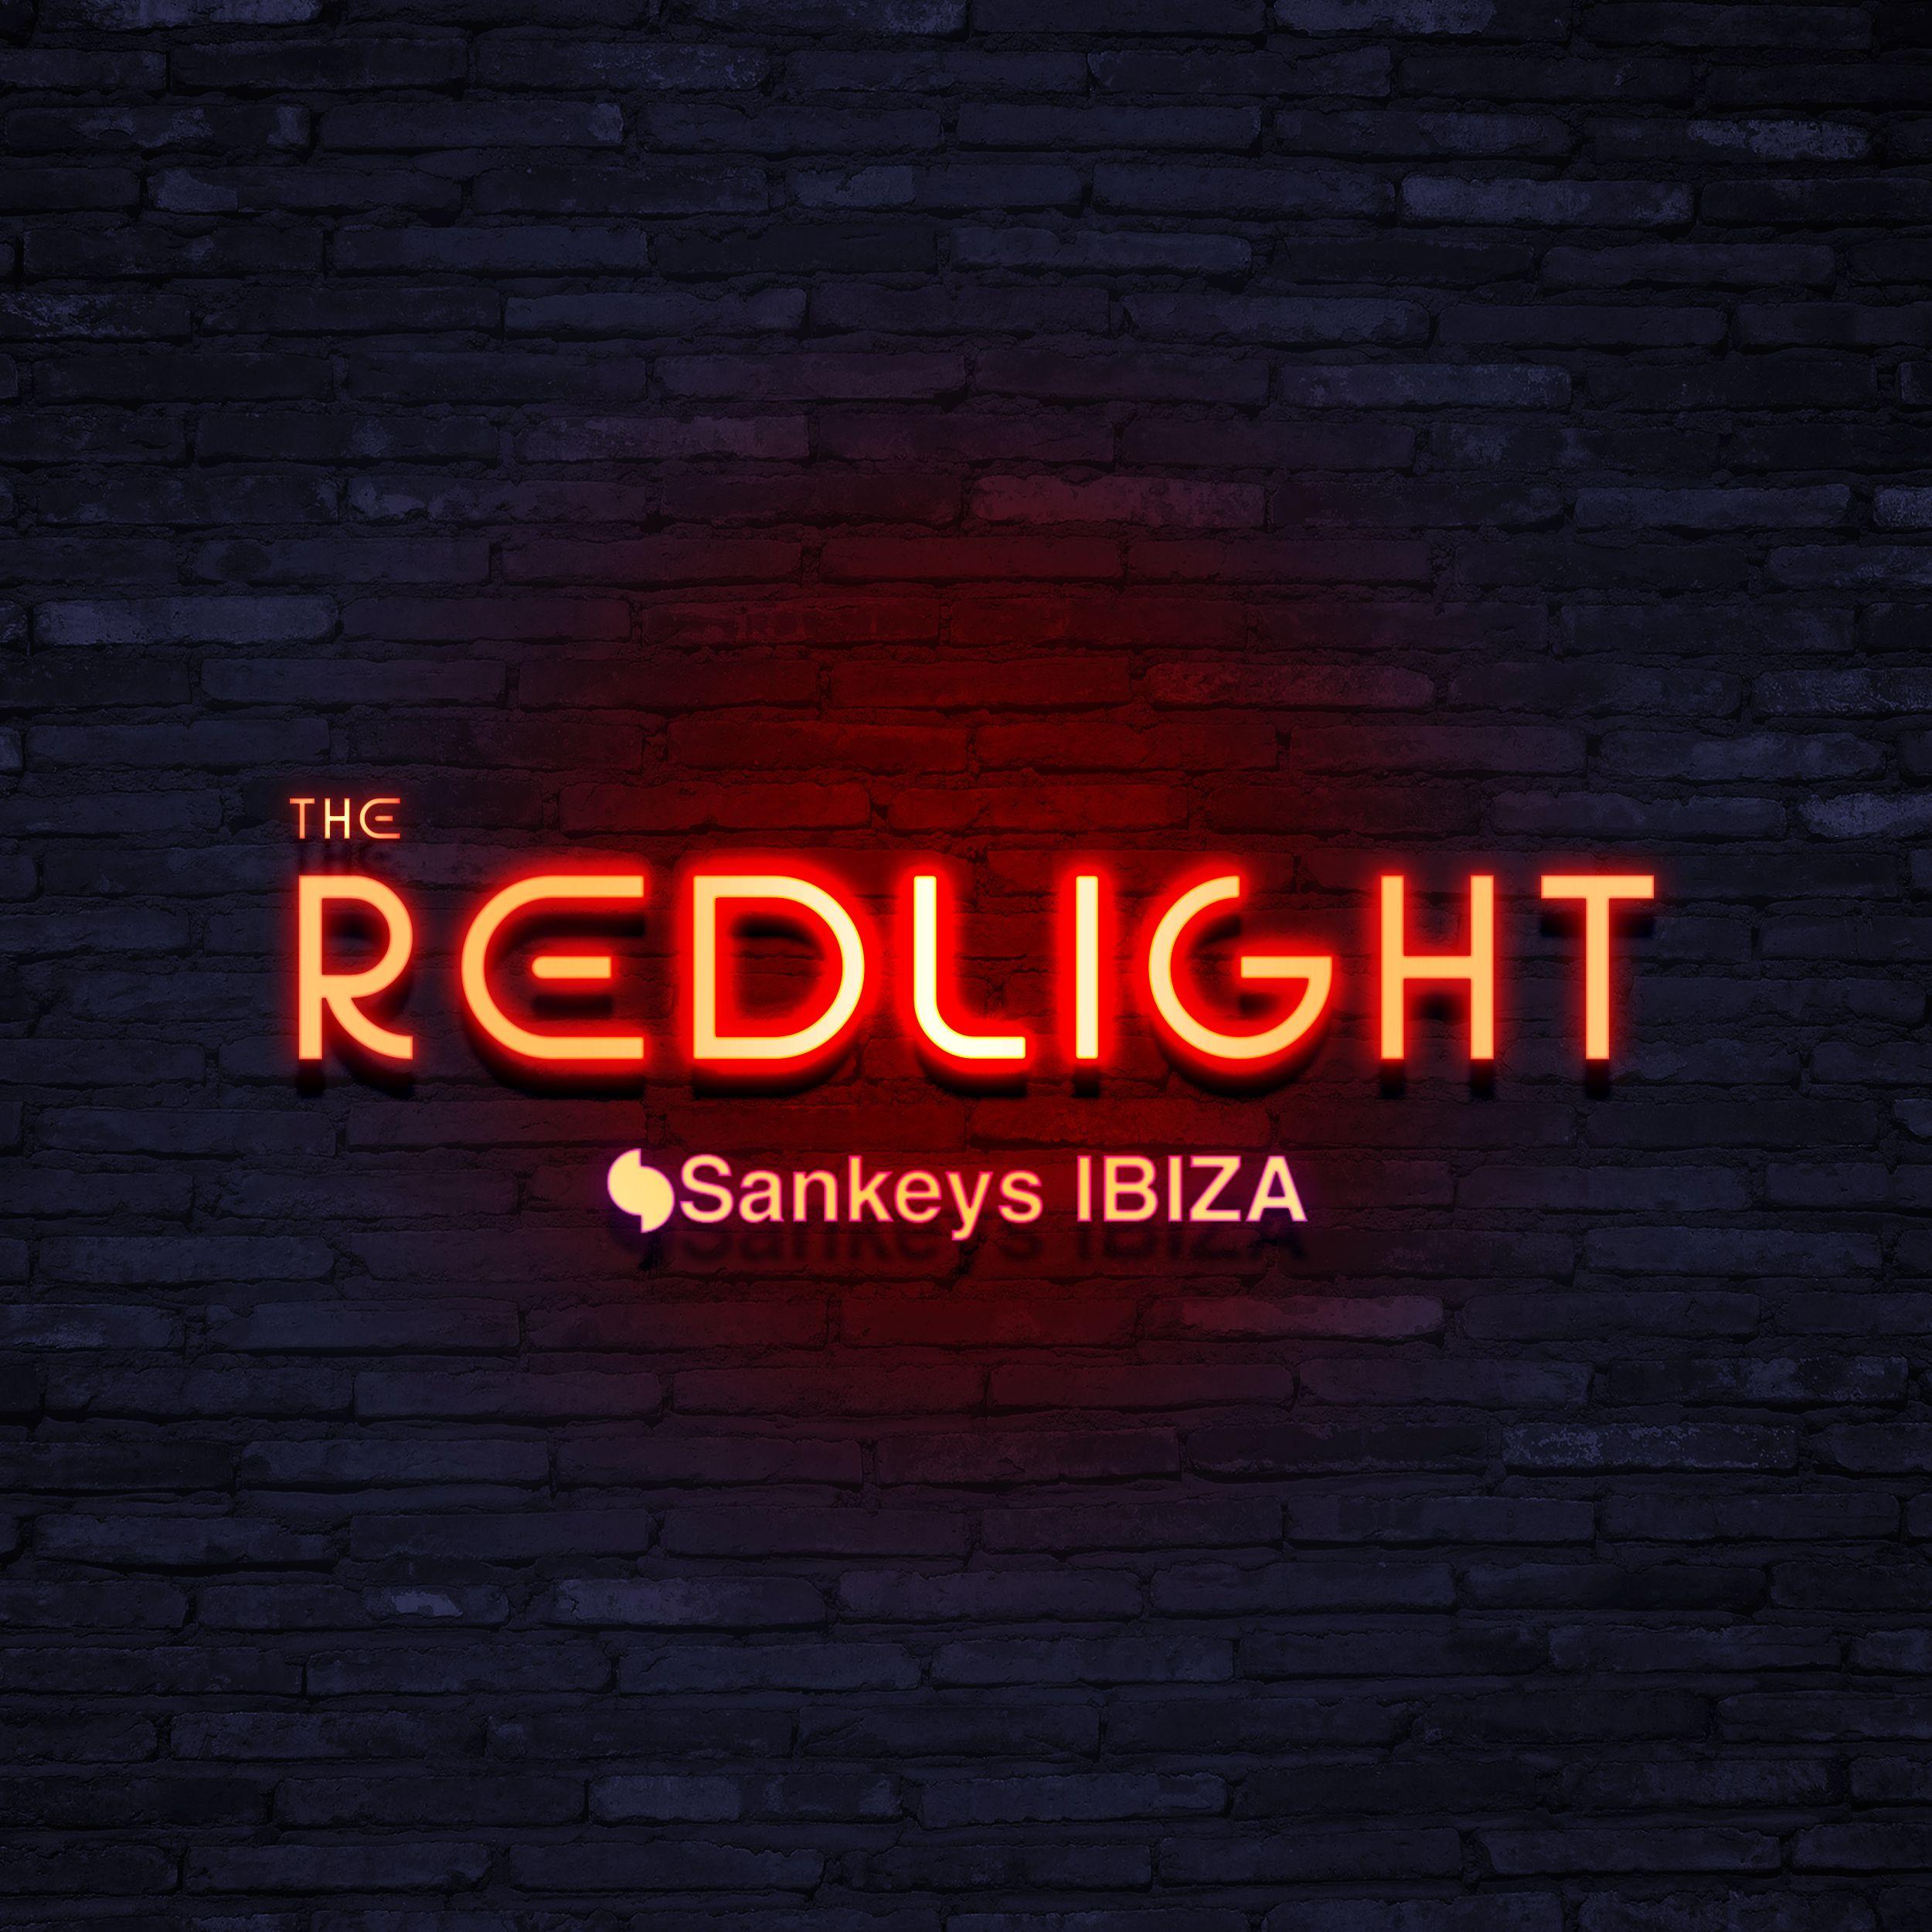 the_redlight_logo_2018_2.jpg